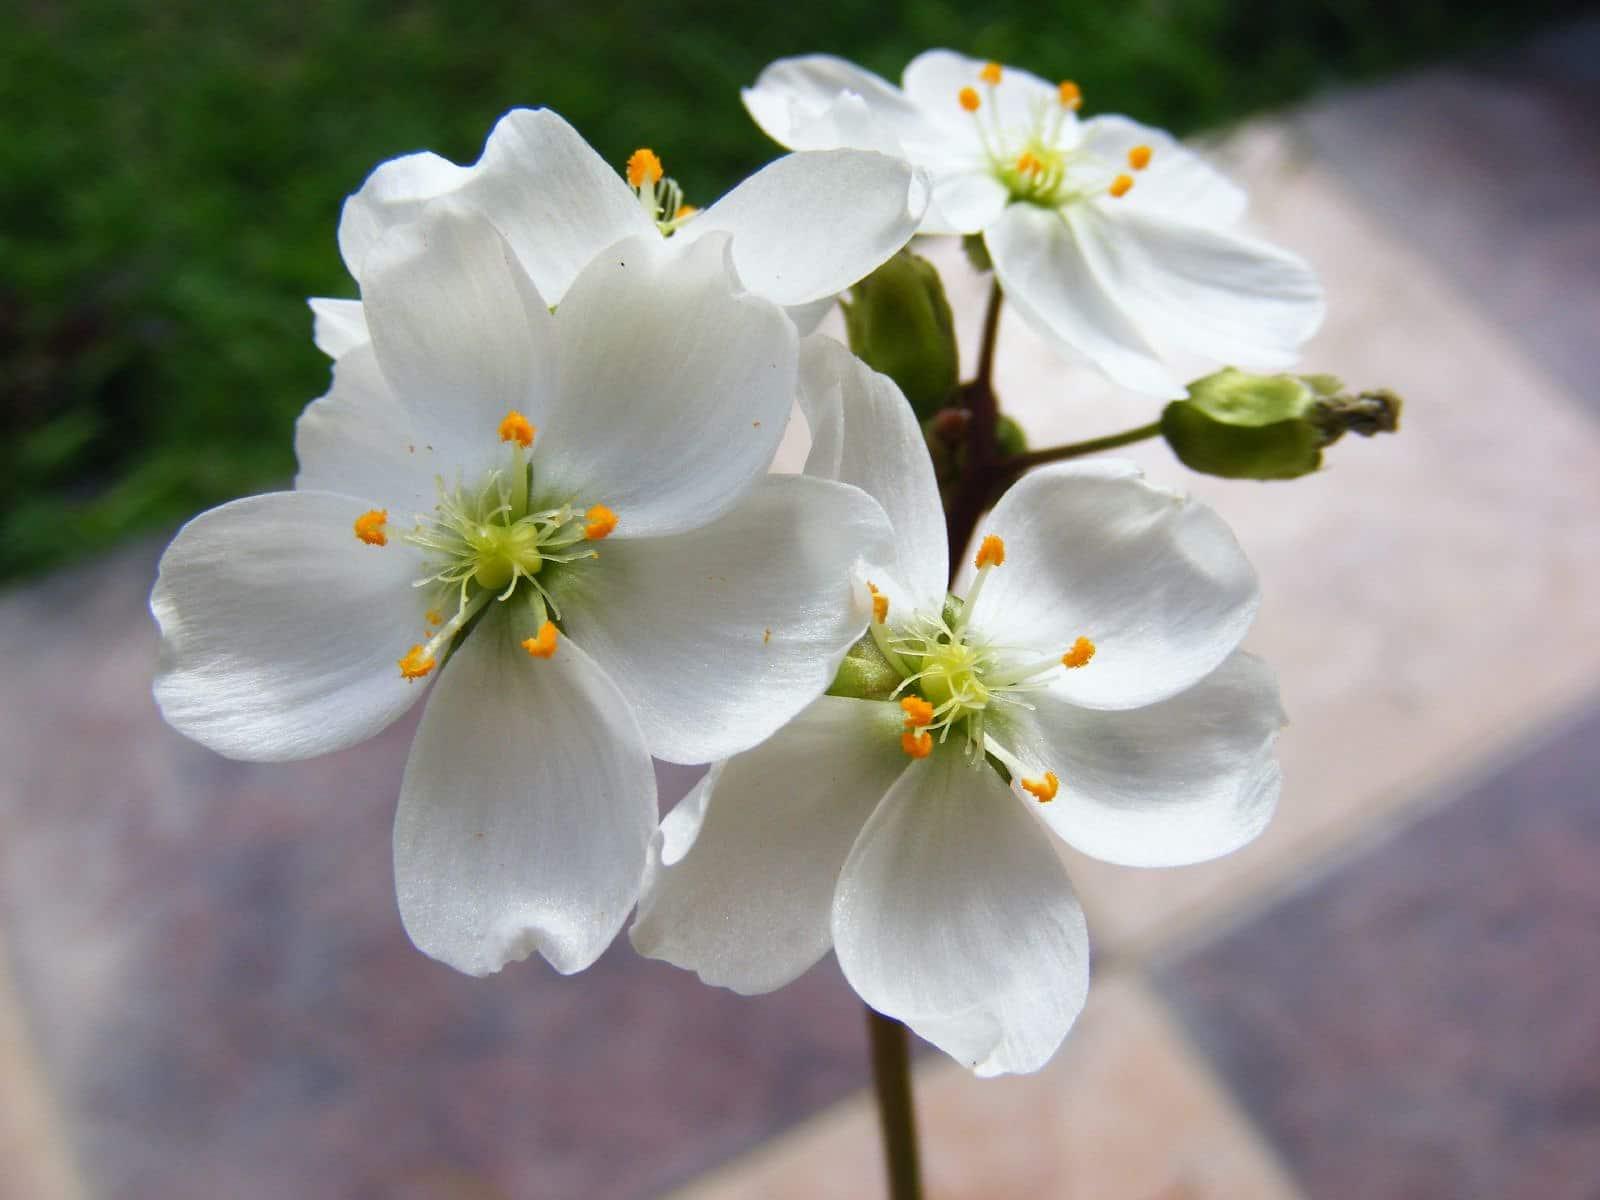 La flor de Drosera binata brota en primavera